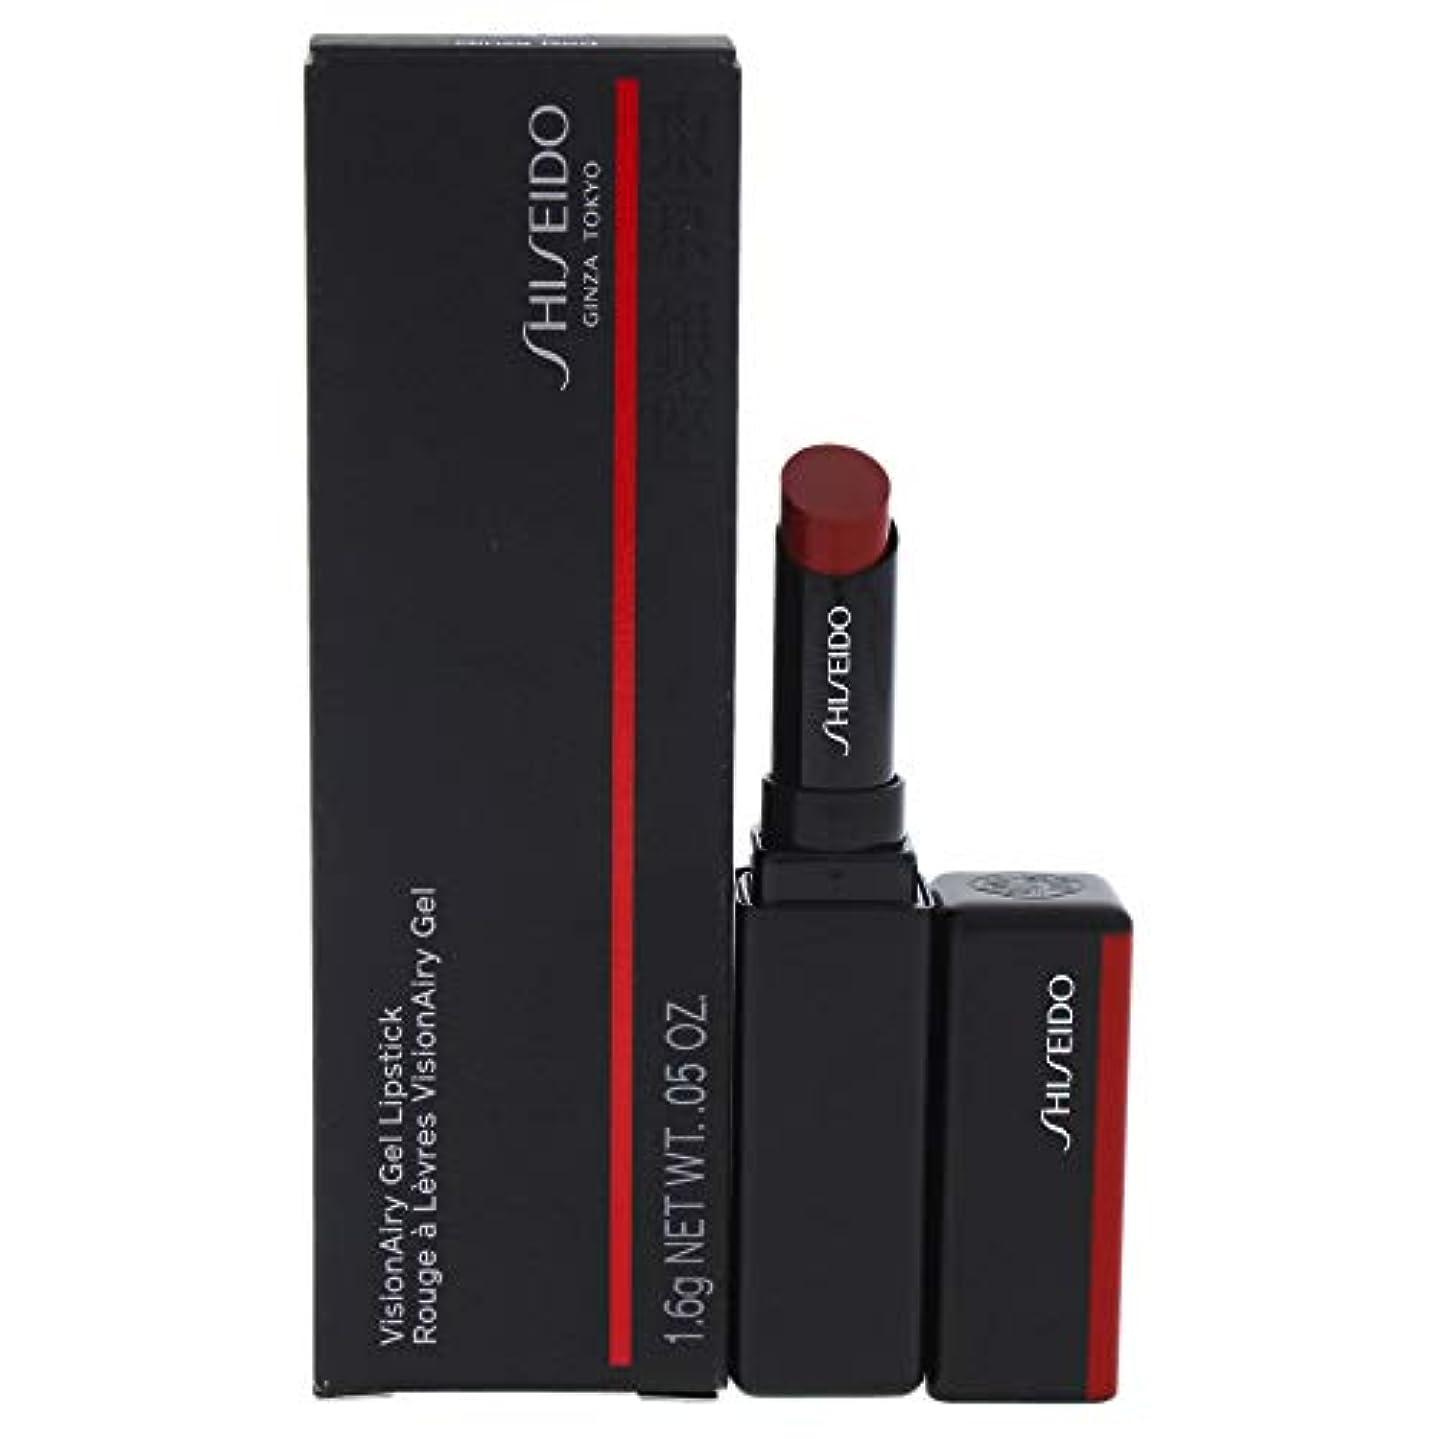 訪問スキーム殉教者資生堂 VisionAiry Gel Lipstick - # 222 Ginza Red (Lacquer Red) VisionAiry Gel並行輸入品